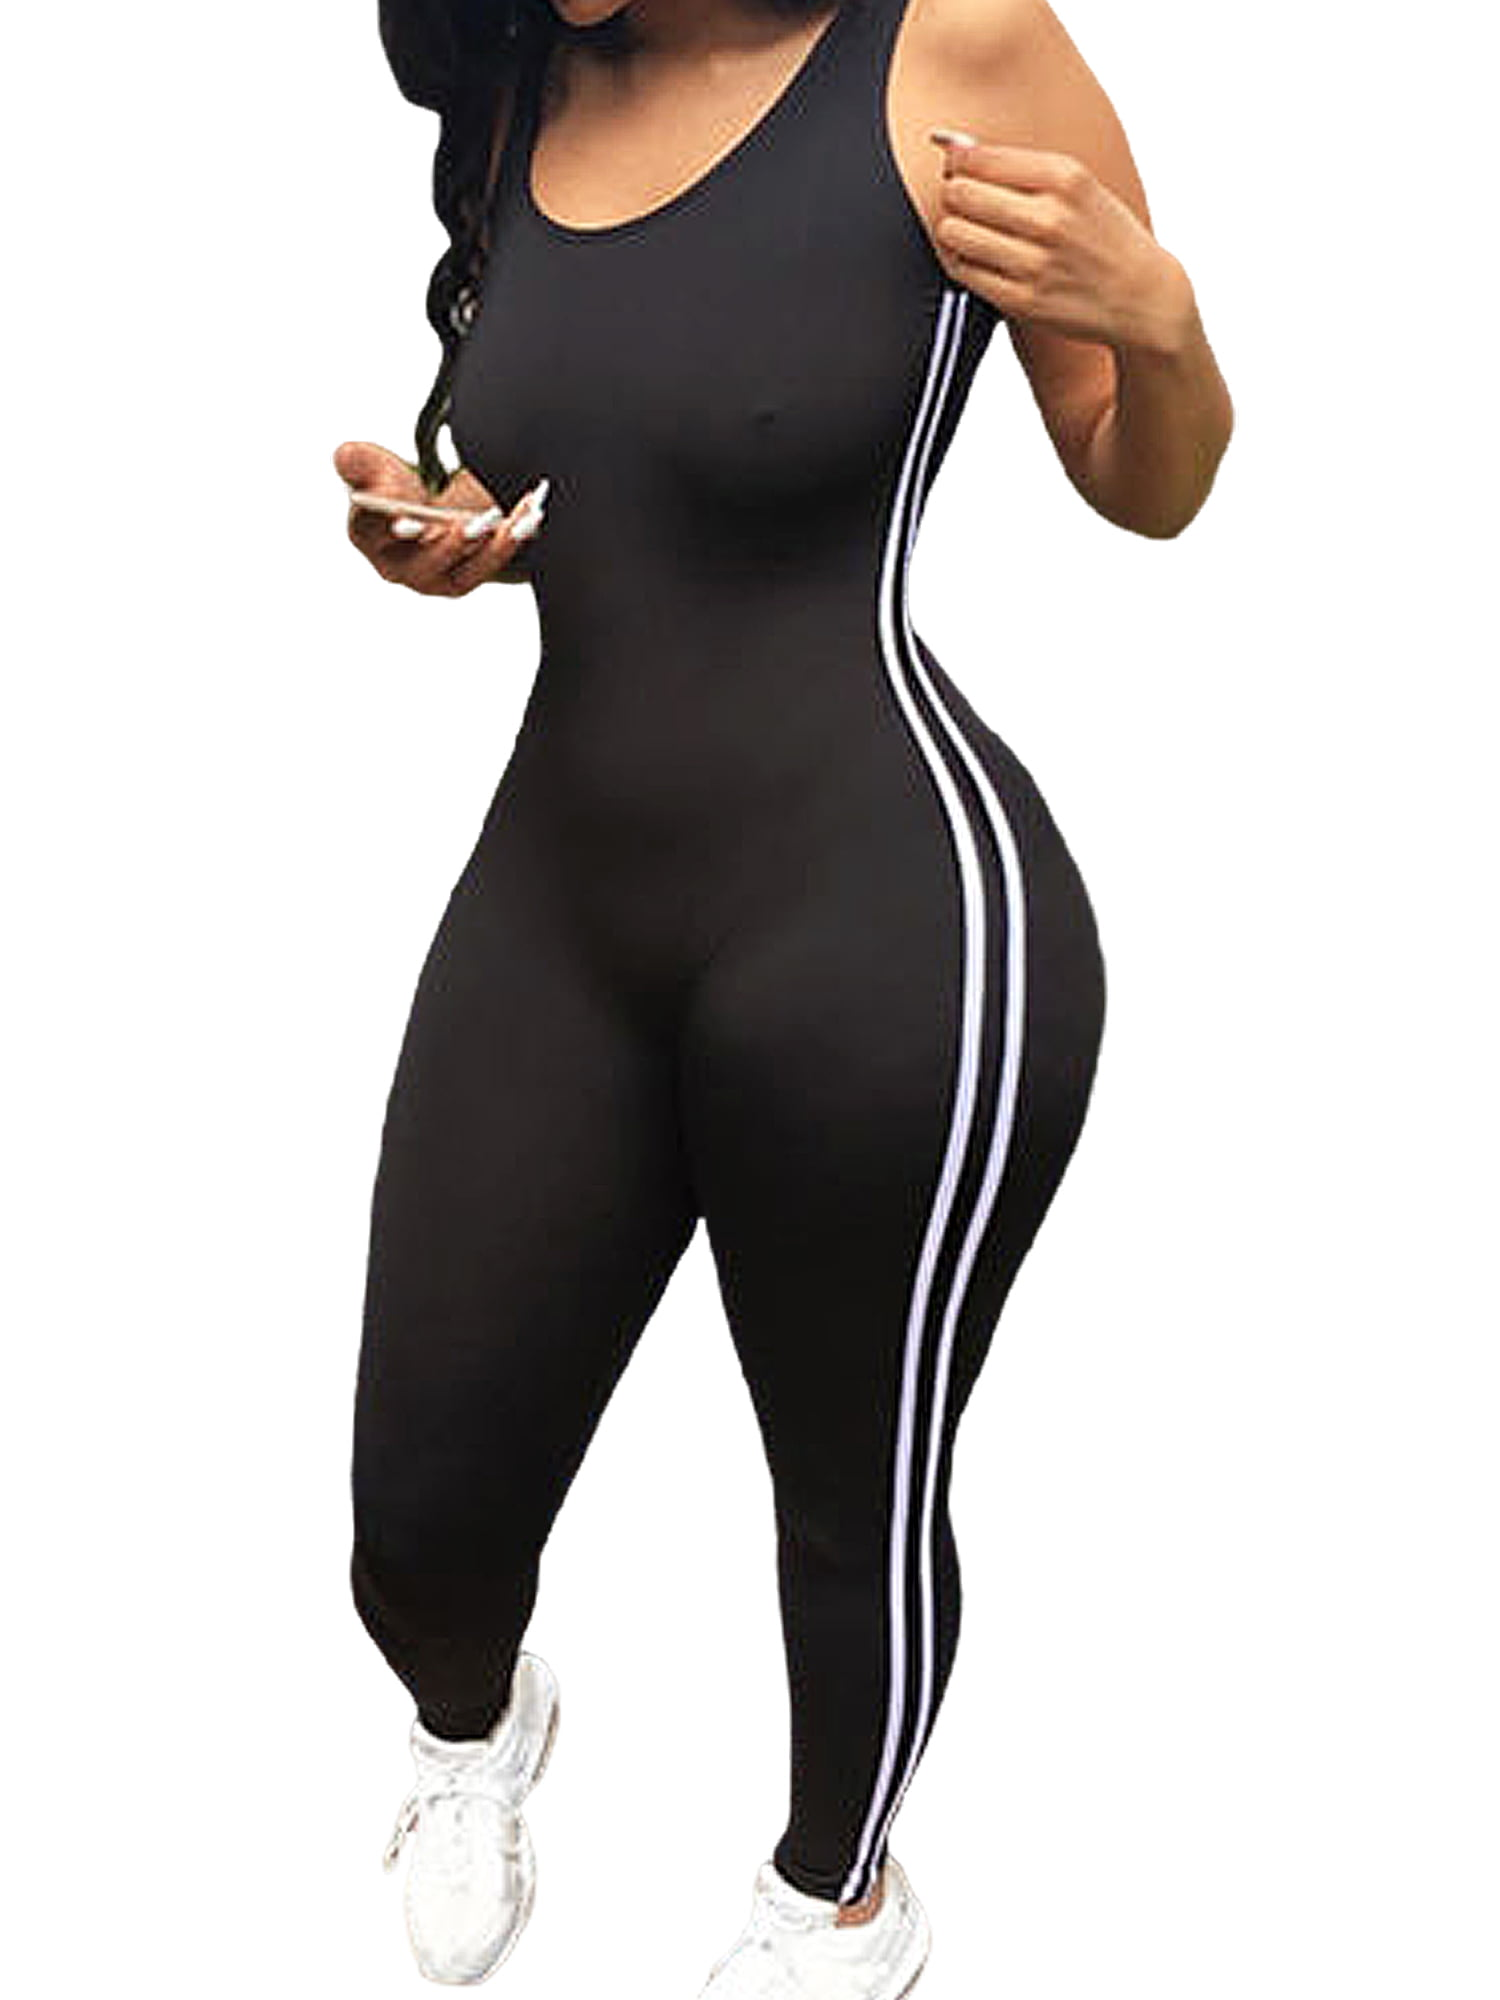 Woman Jumpsuit  Fitness Clothes Women  Sport Jumpsuit Push Up Dancing  Yoga JumpsuitGym Clothes Lycra  dancing classes